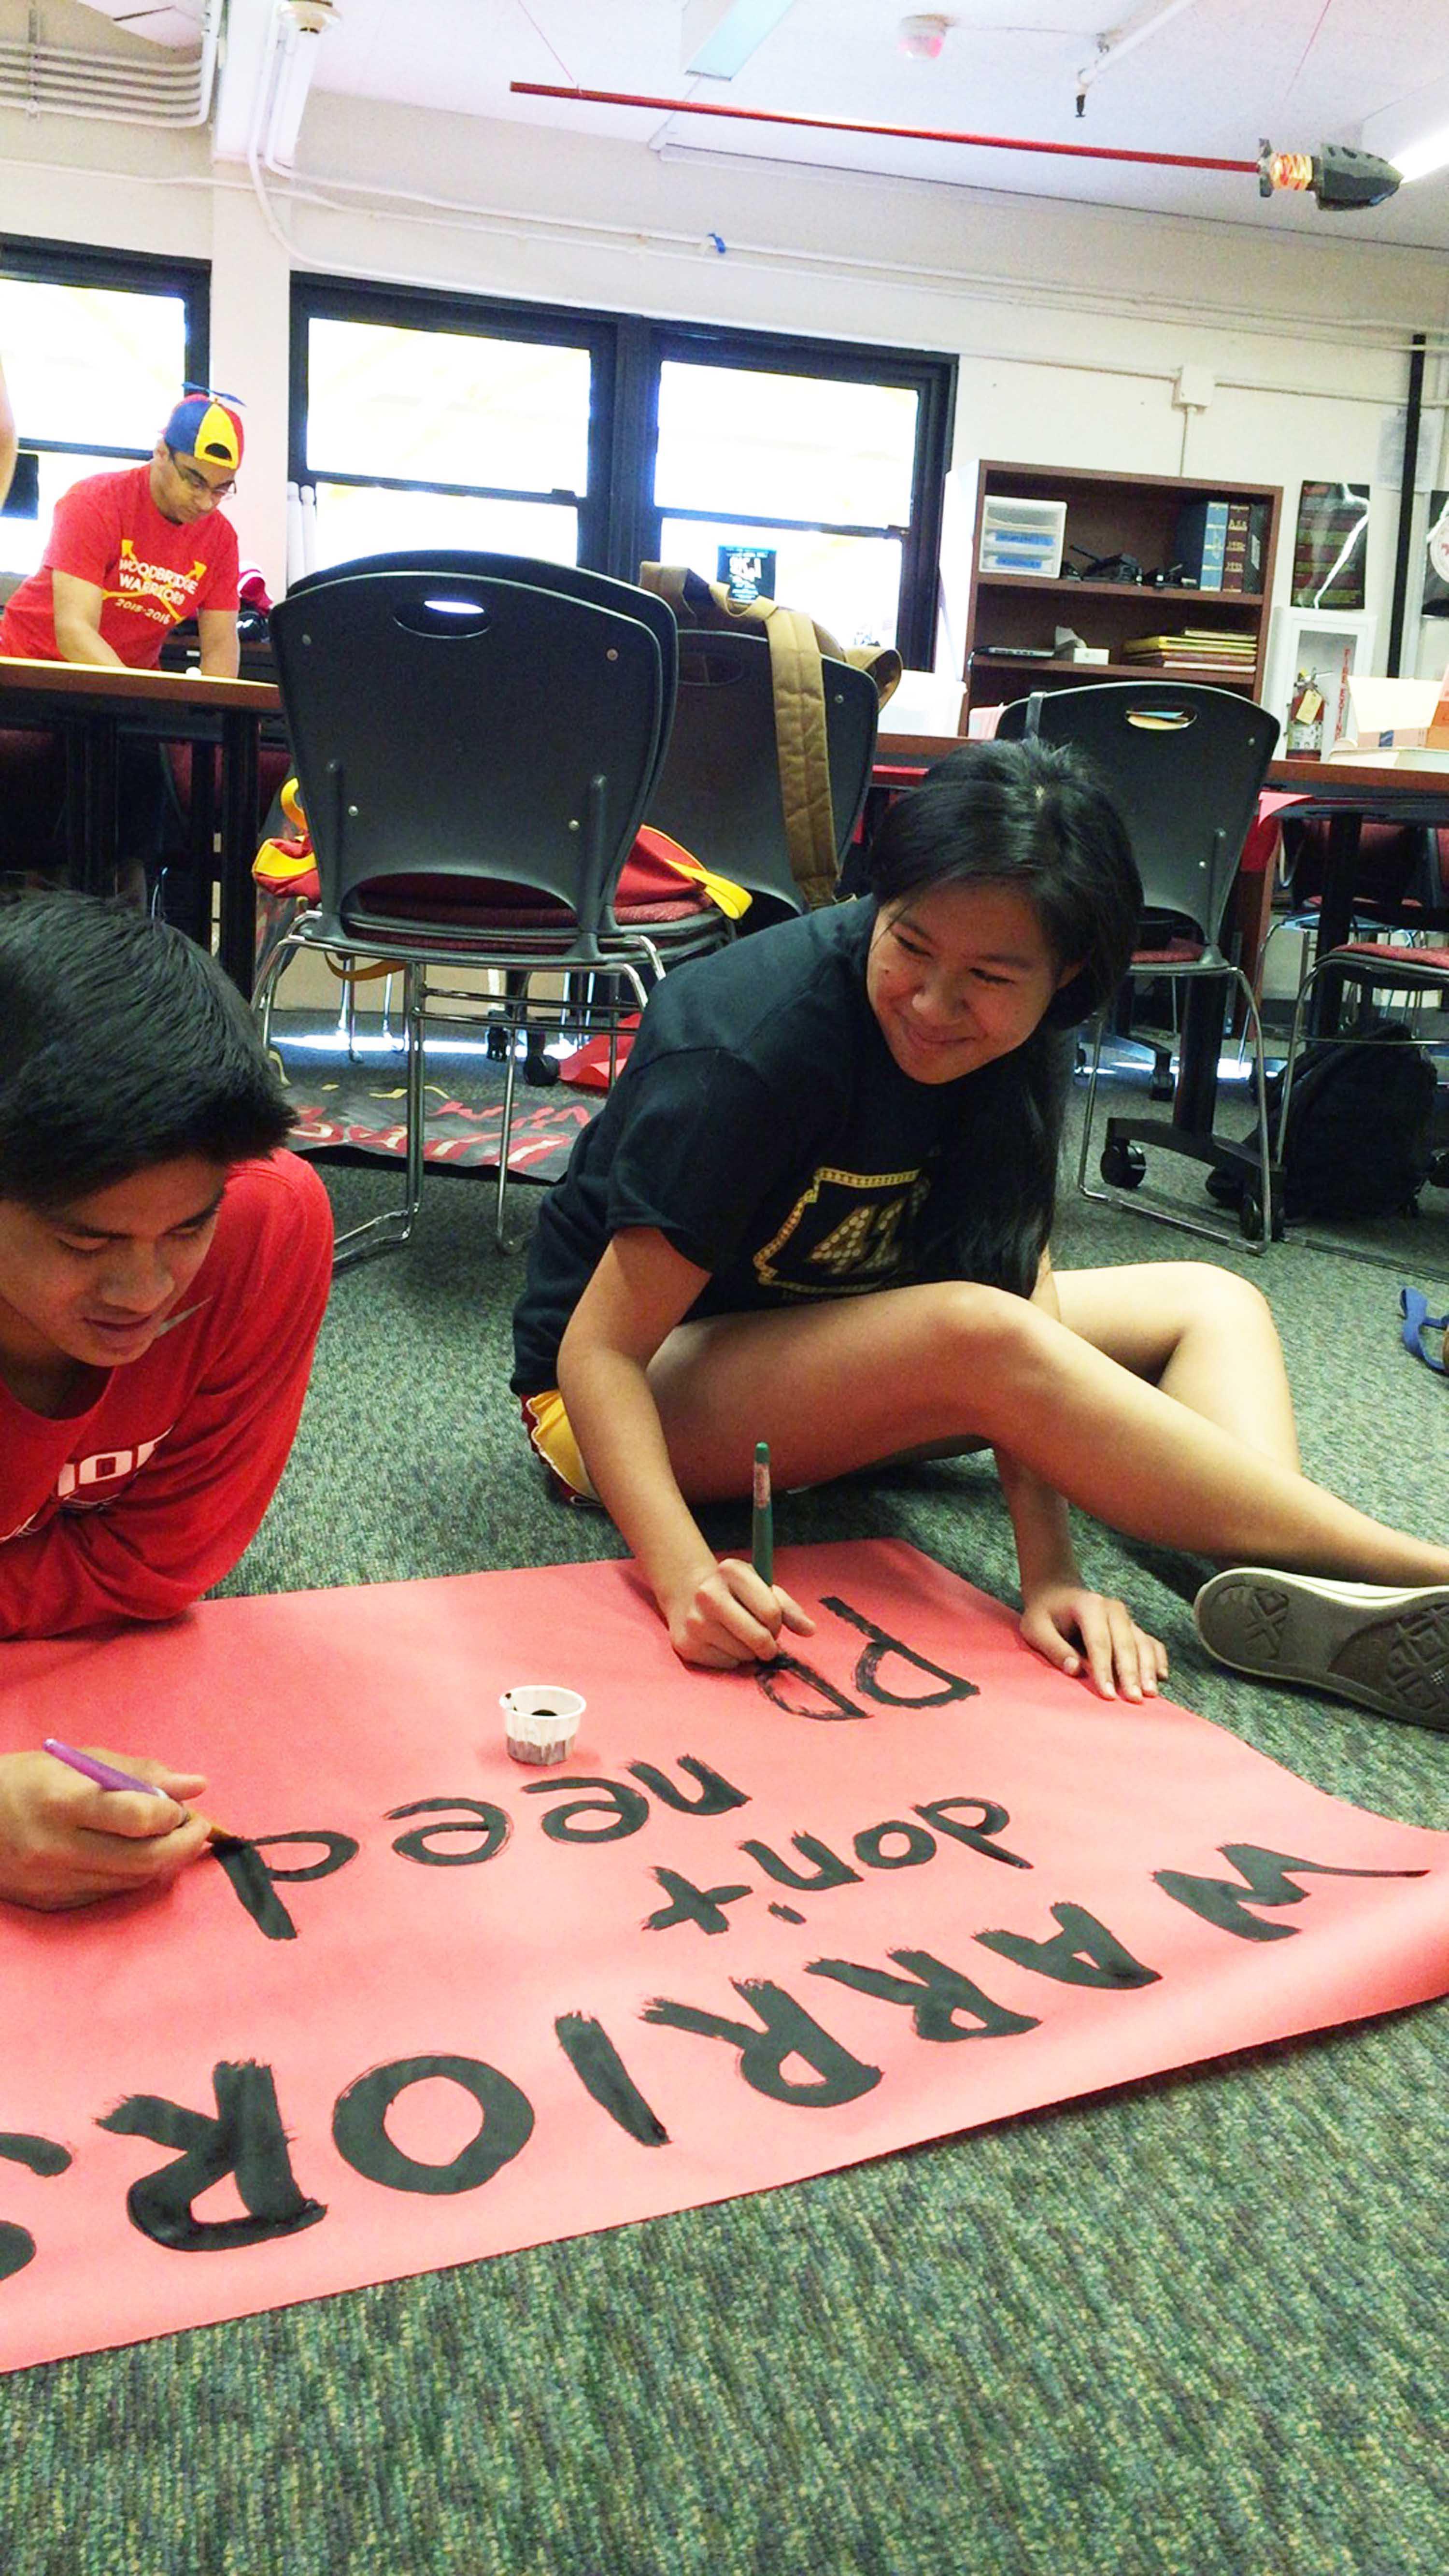 Samantha Kosai helps make poster to awaken warrior spirit for students around campus